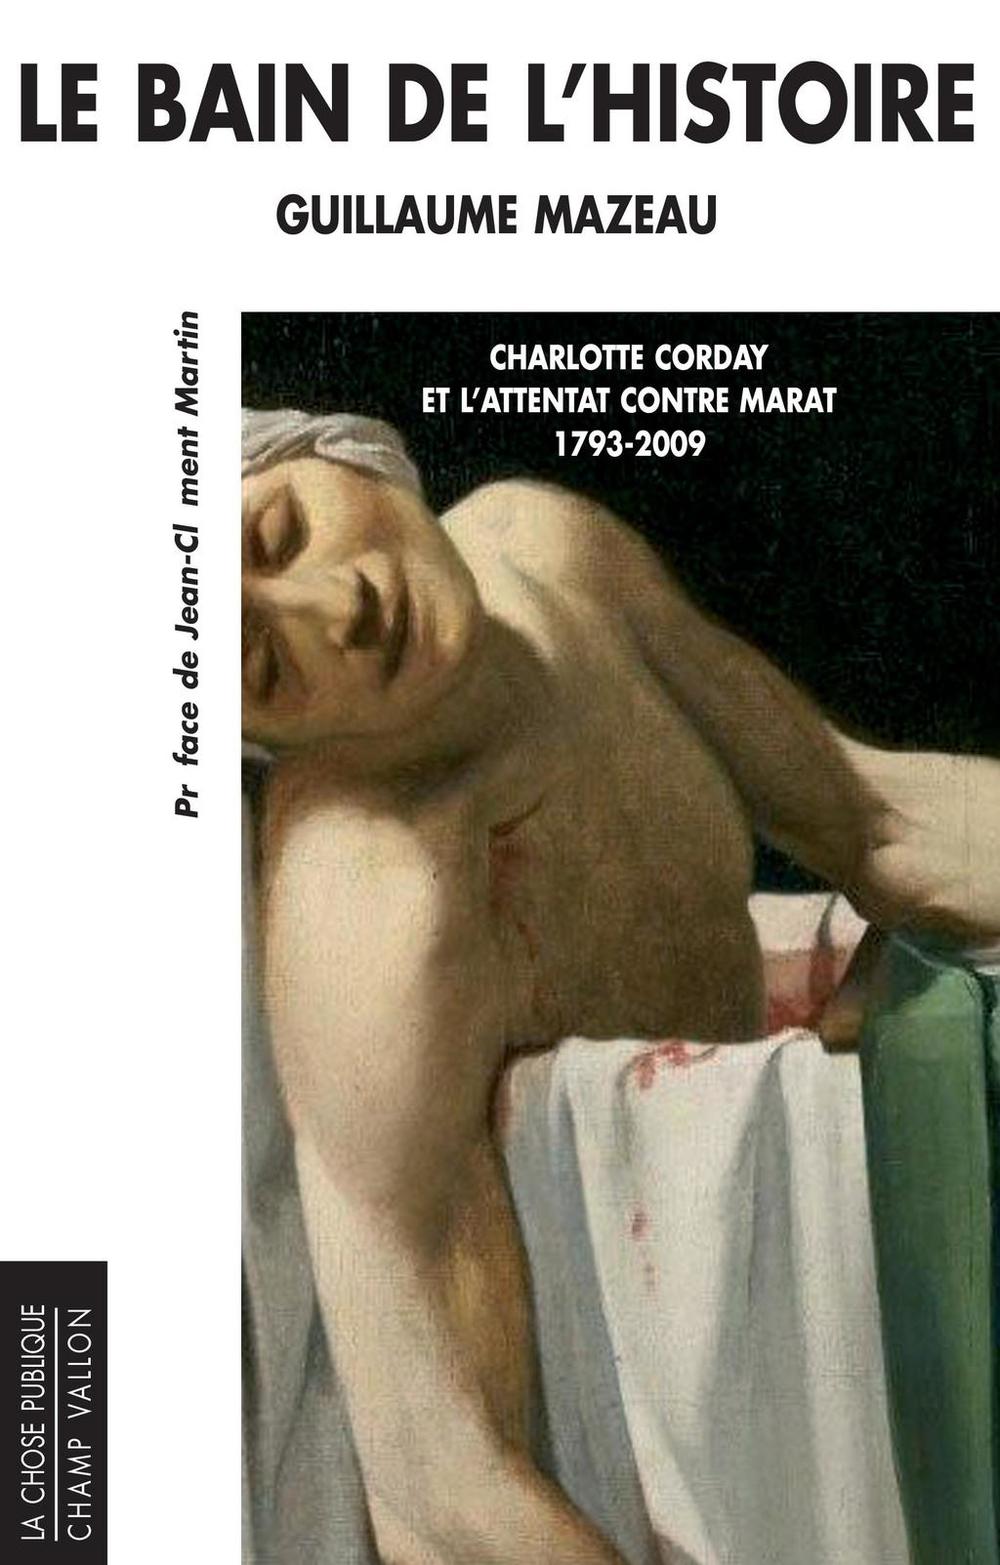 Le bain de l'histoire, Charlotte Corday et l'attentat contre Marat 1793-2009